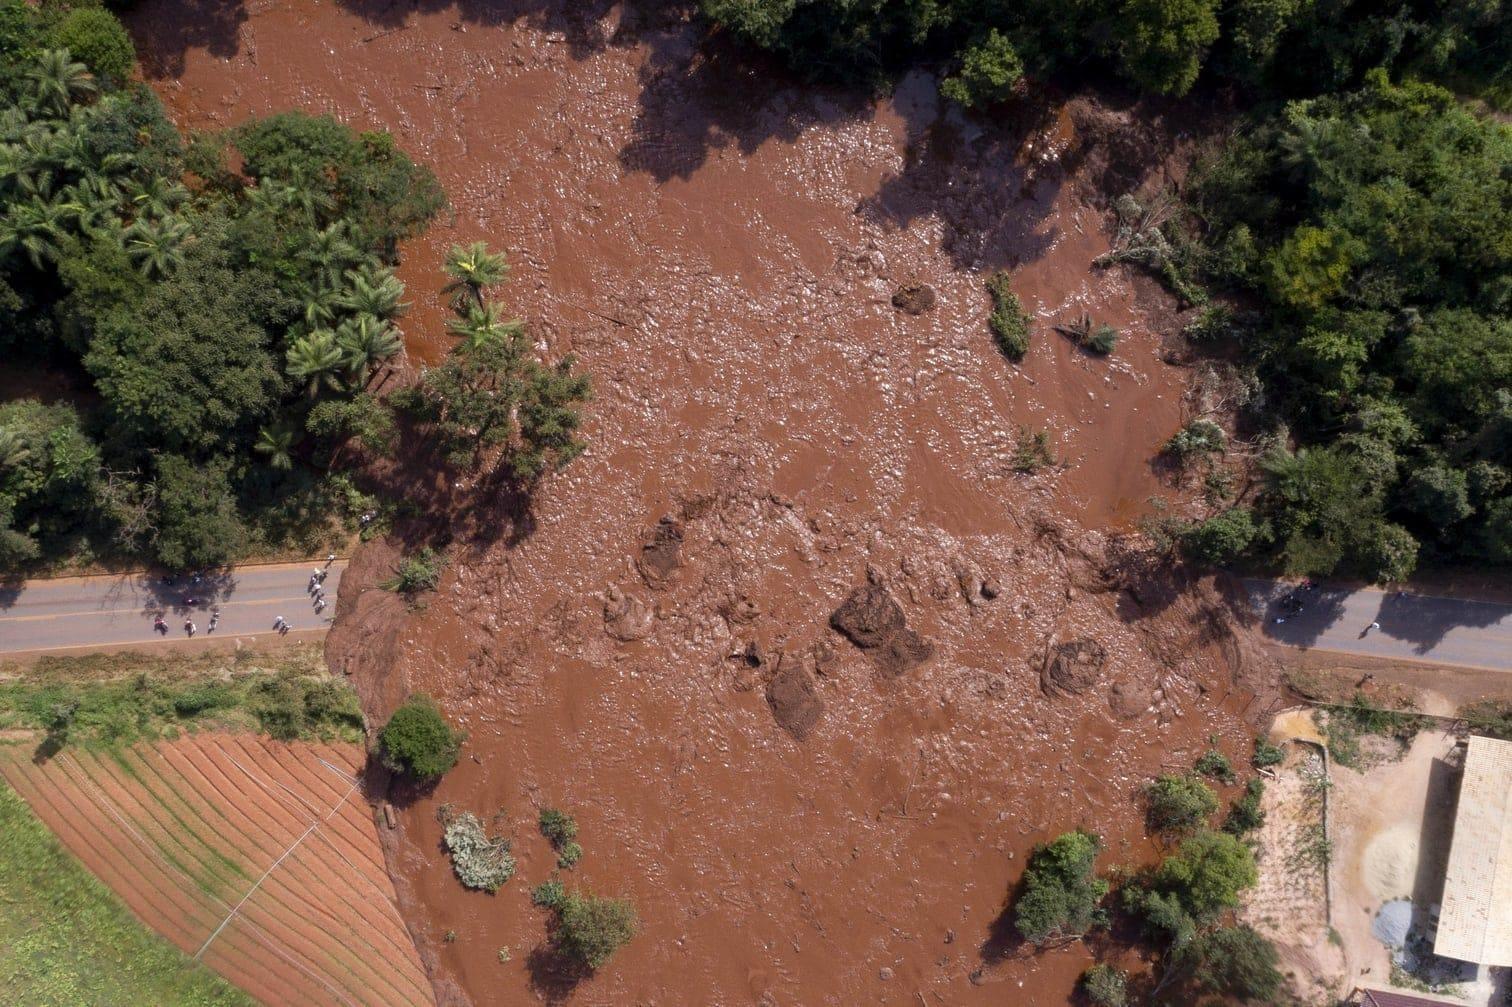 <p>Die Dammbruch-Katastrophe hatte sich in der Gemeinde Brumadinho im südöstlichen Bundesstaat Minas Gerais ereignet.</p> Foto: dpa/Isac Nobrega